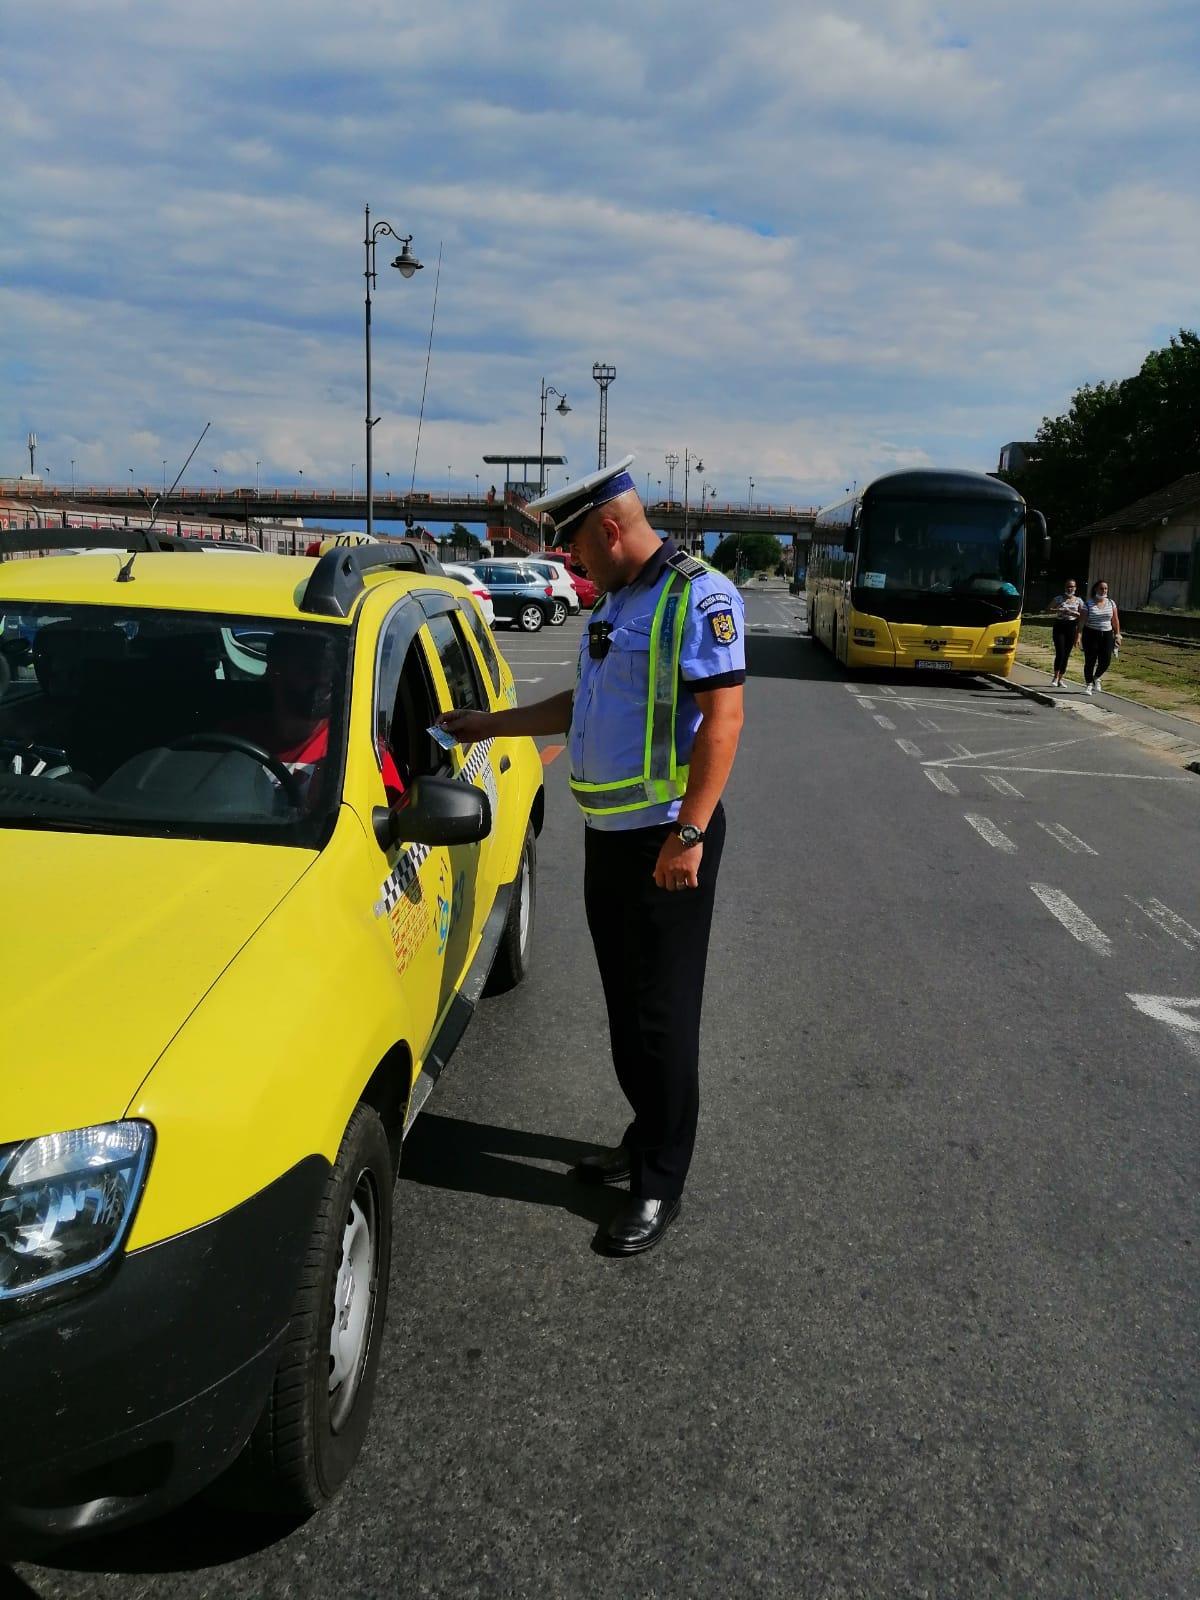 Amenzi de 70.000 de lei în două zile, pe drumurile din Sibiu. Polițiștii au reținut 14 permise de conducere